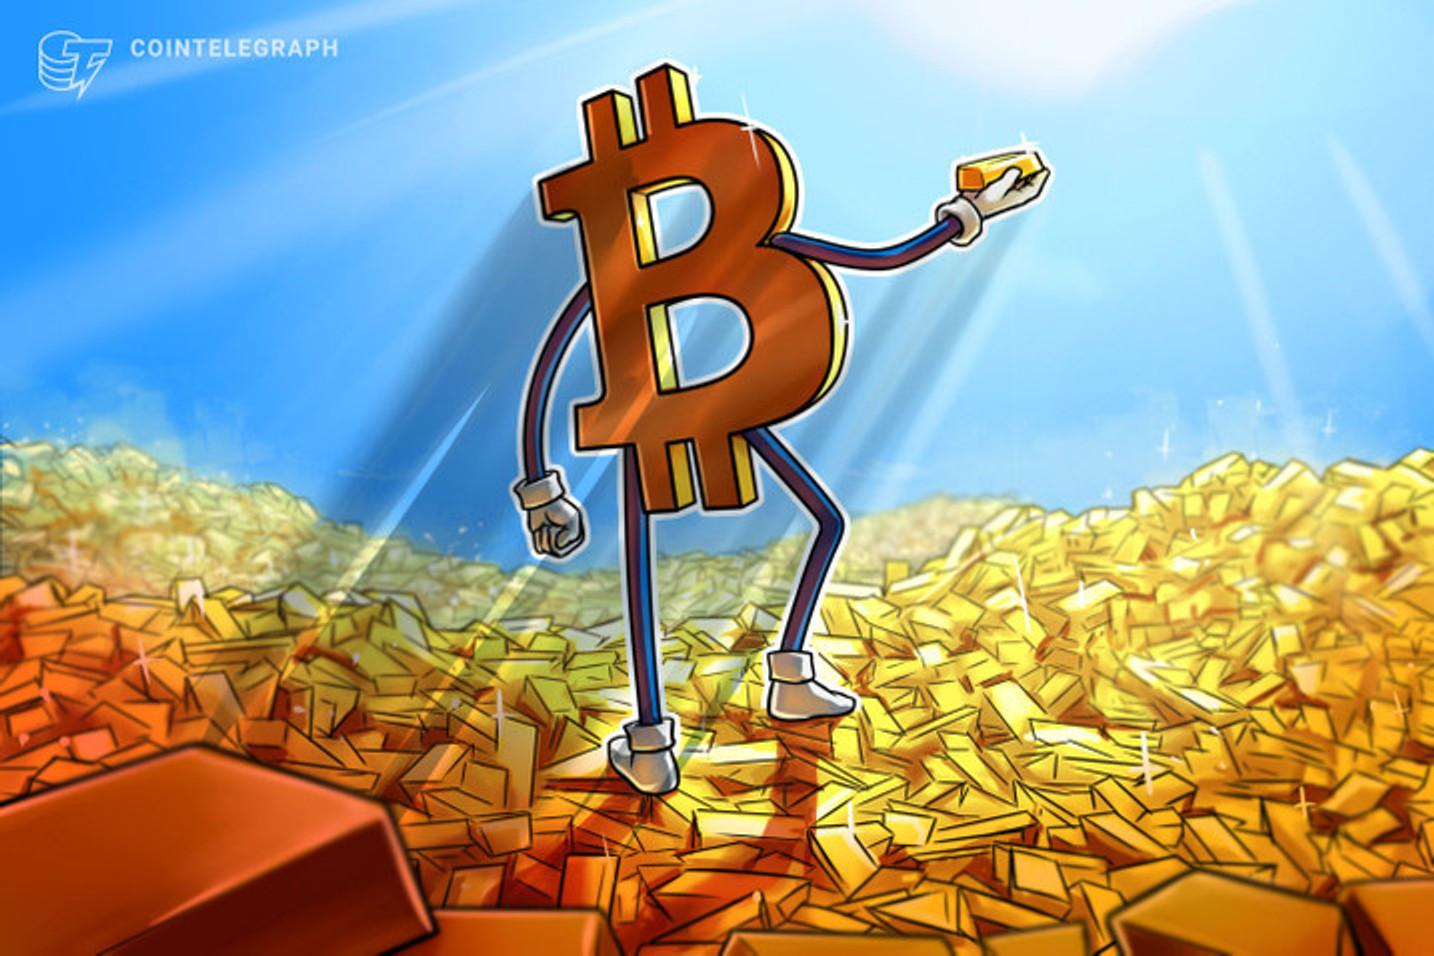 Vitreo atualiza fundo aprovado pela CVM e une Ouro e Bitcoin em uma só composição